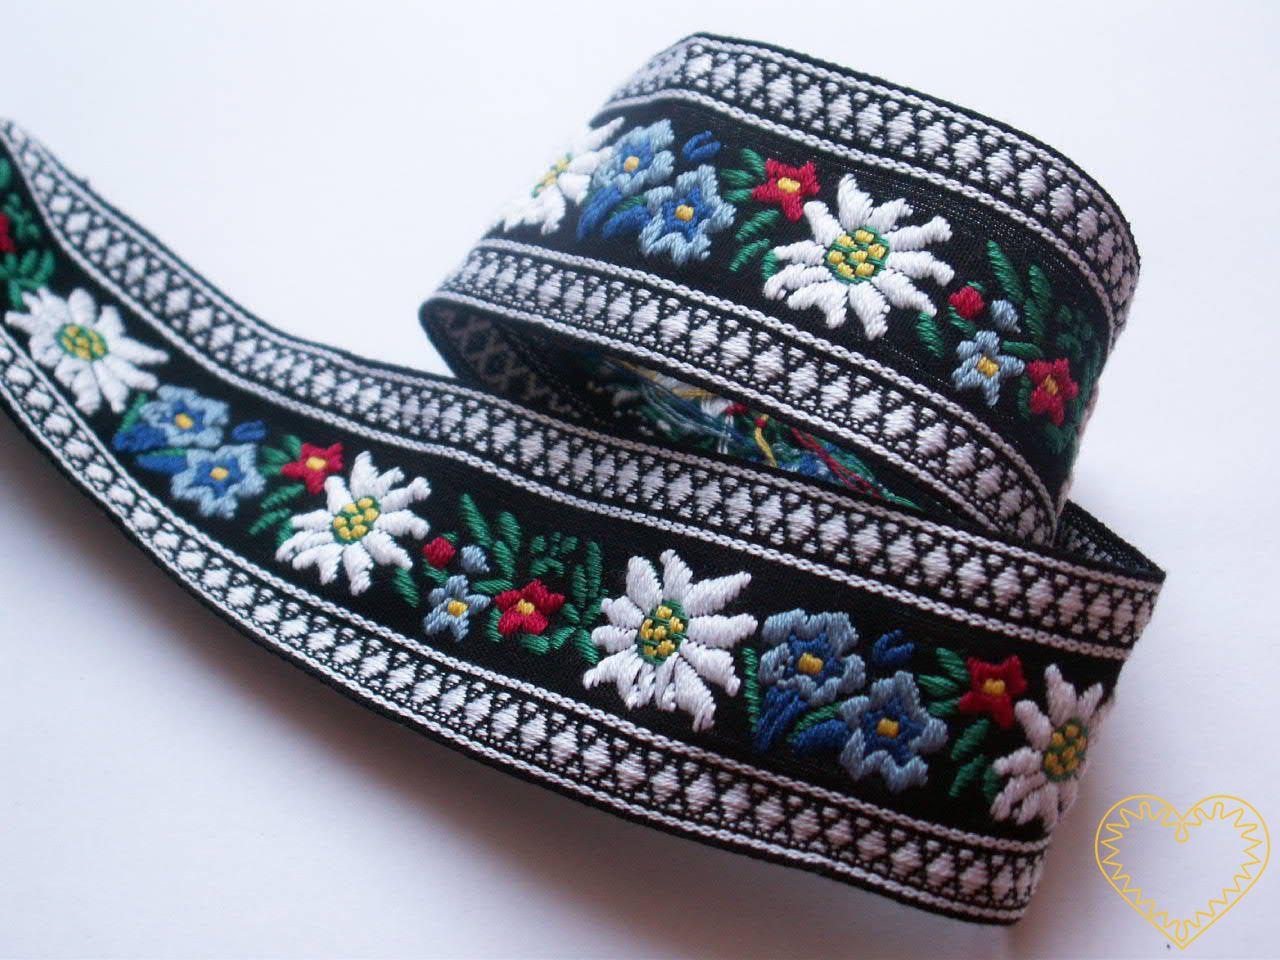 Černá krojová stuha s alpskými květy - vzorovka - šíře 4,5 cm. Textilní tkaná stuha s jemným vzorkem je vhodná zvláště k lemování tkanin, zdobení krojů a šatů panenek a maňásků. Vzory s alpskými květy jsou obzvláště oblíbeny v lidovém oděvu u našich